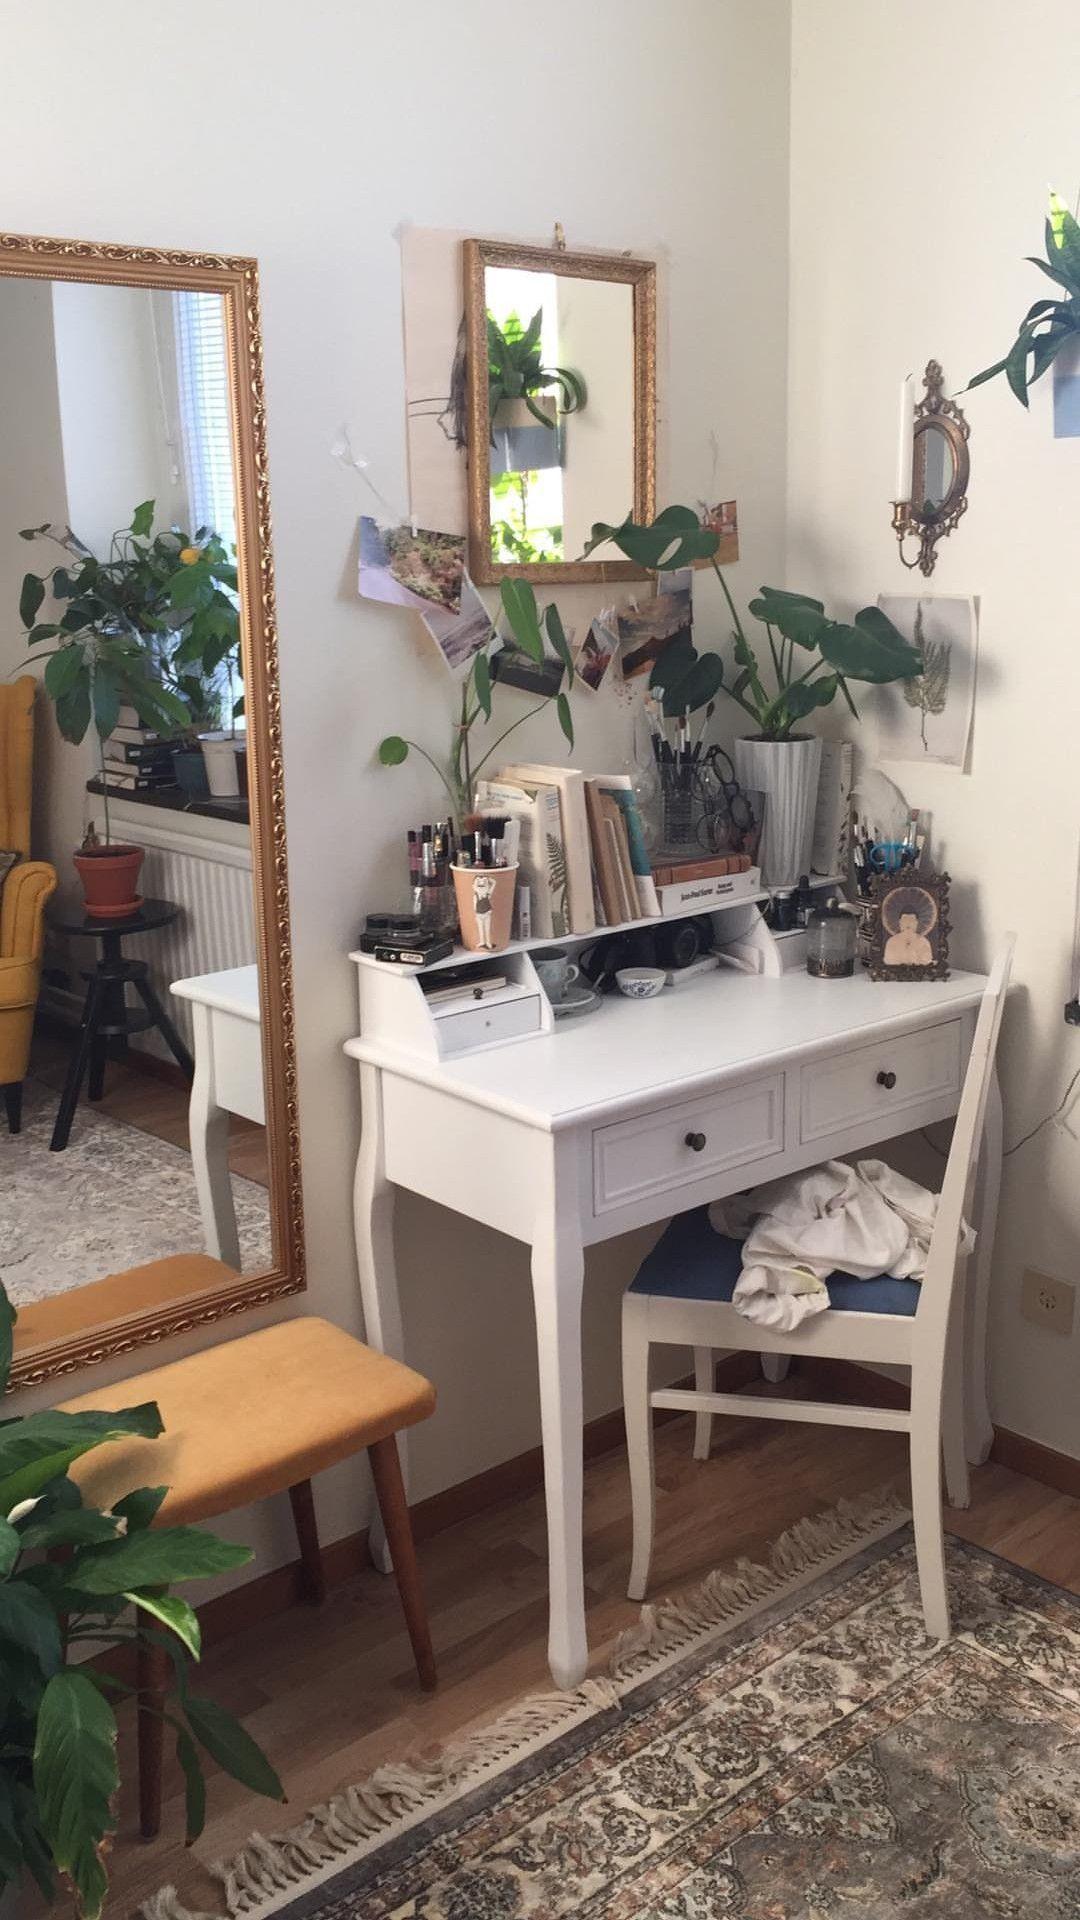 Photo of Stöbern Sie in Deko-Ideen und Möbeln im Wohnzimmer. Entdecken Sie Designinspi …